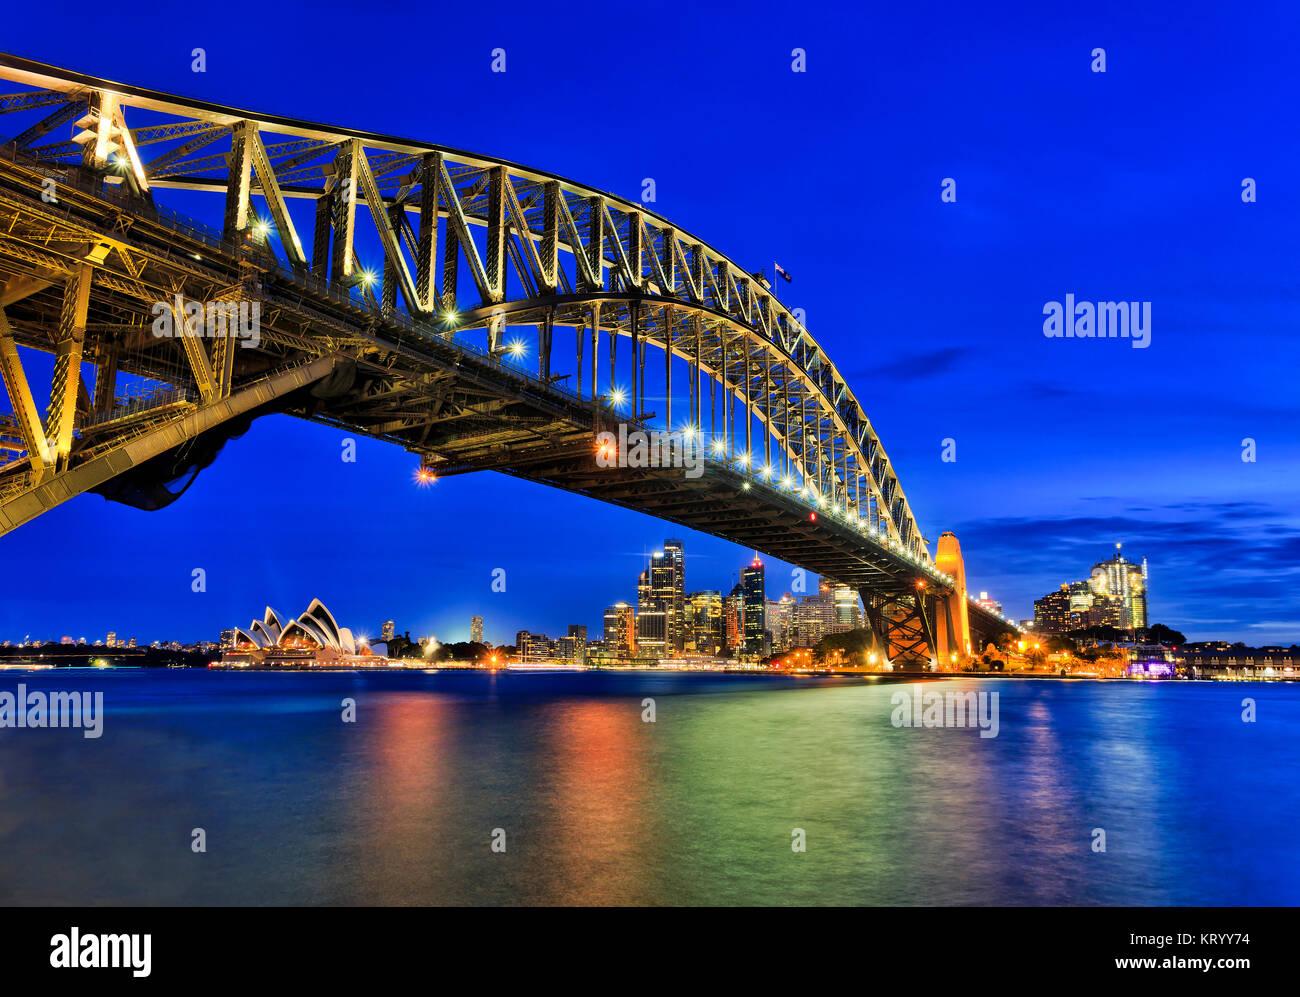 Seitliche Sicht auf die Sydney Harbour Bridge in Richtung Innenstadt, The Rocks und Circular Quay bei Sonnenuntergang Stockbild